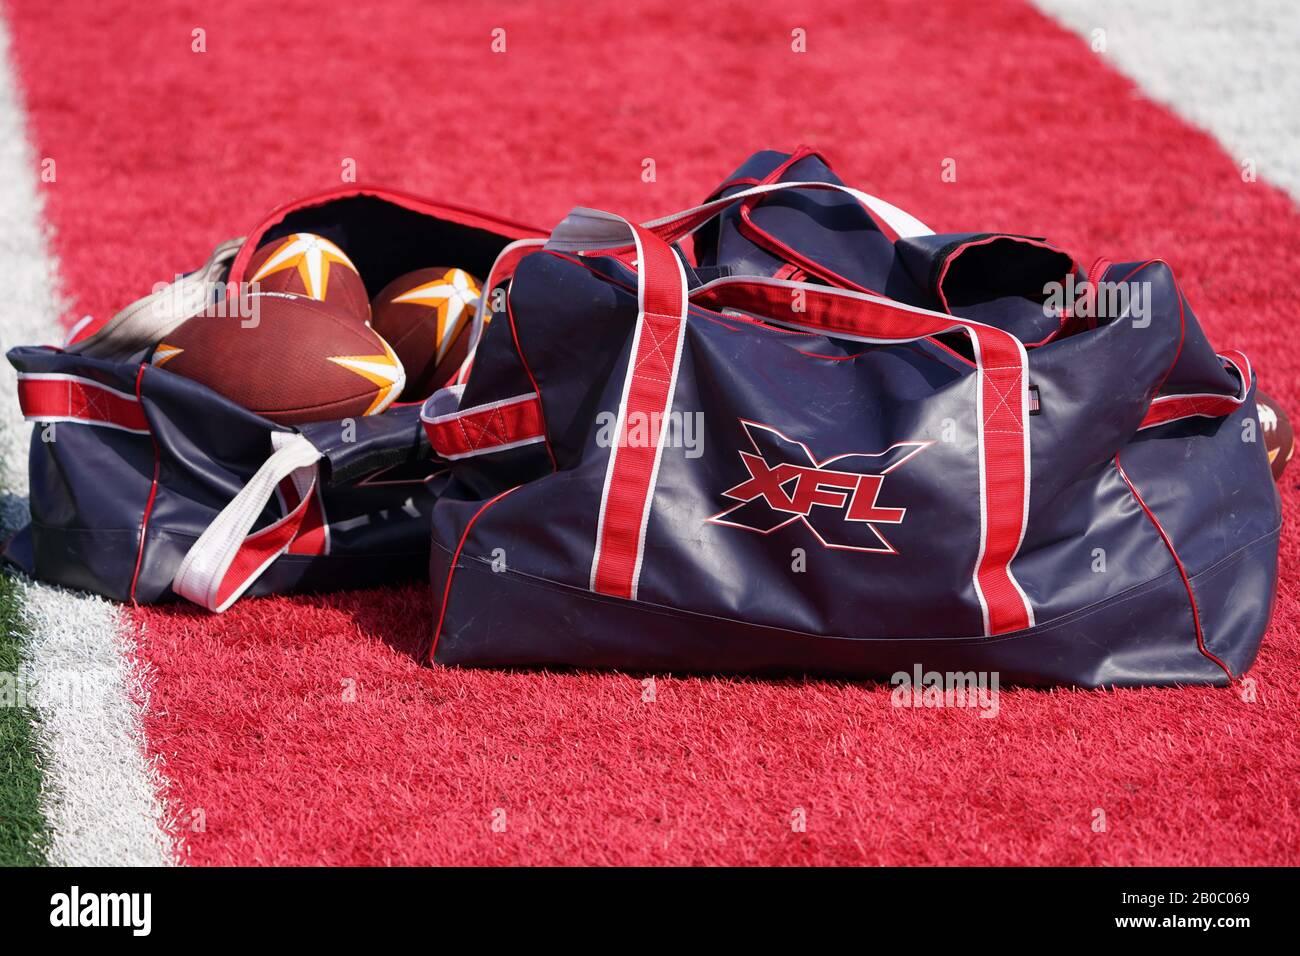 Vista detallada del balón de fútbol LA Wildcats y bolsa con el logotipo XFL durante la práctica, miércoles, 19 de febrero de 2020, en Long Beach, California (Foto de IOS/Espa-Images) Foto de stock